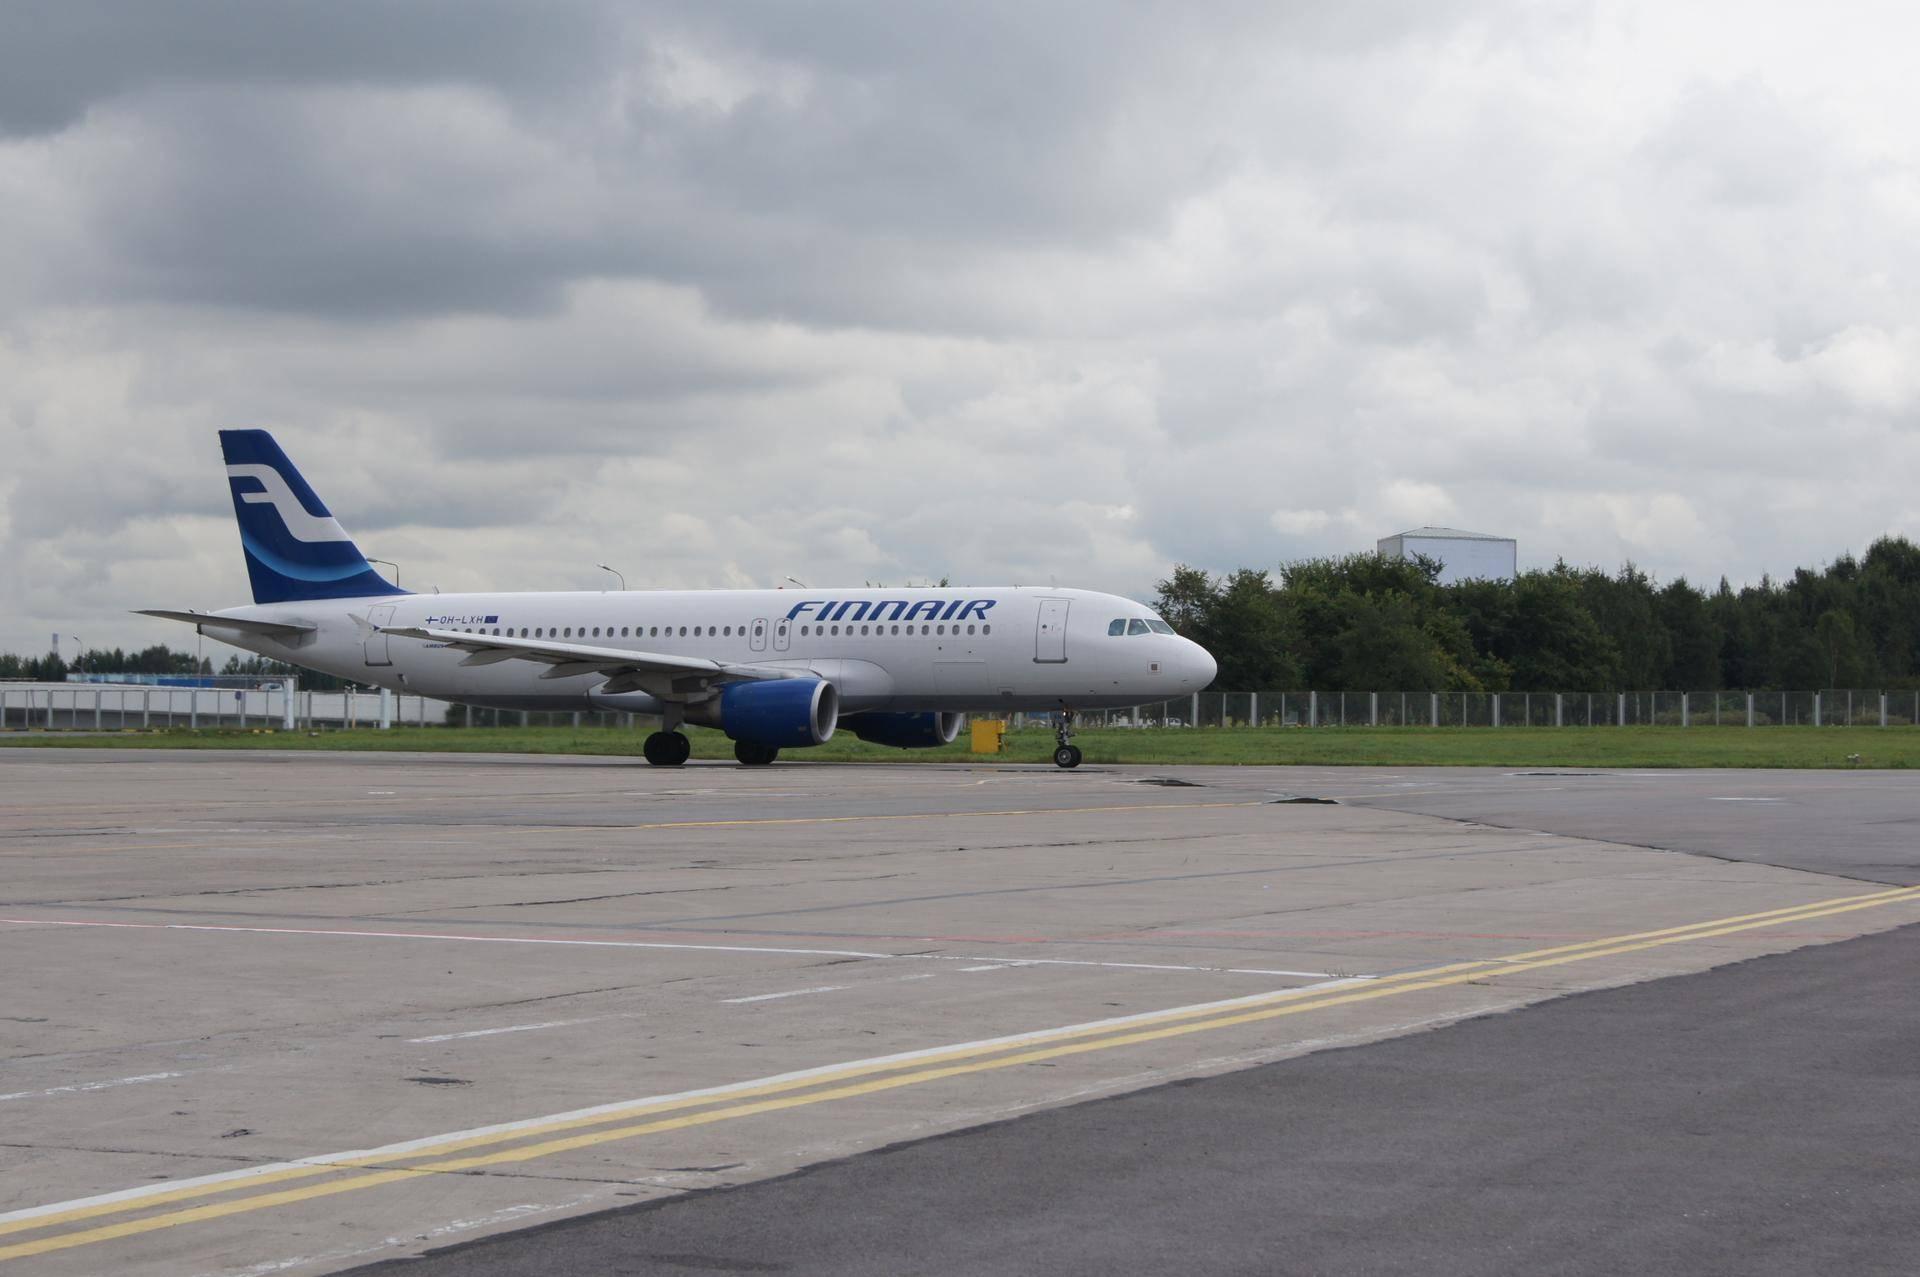 Авиакомпания finnair объявила о возобновлении рейсов в москву и санкт-петербург. москва — все новости (вчера, сегодня, сейчас) от 123ru.net